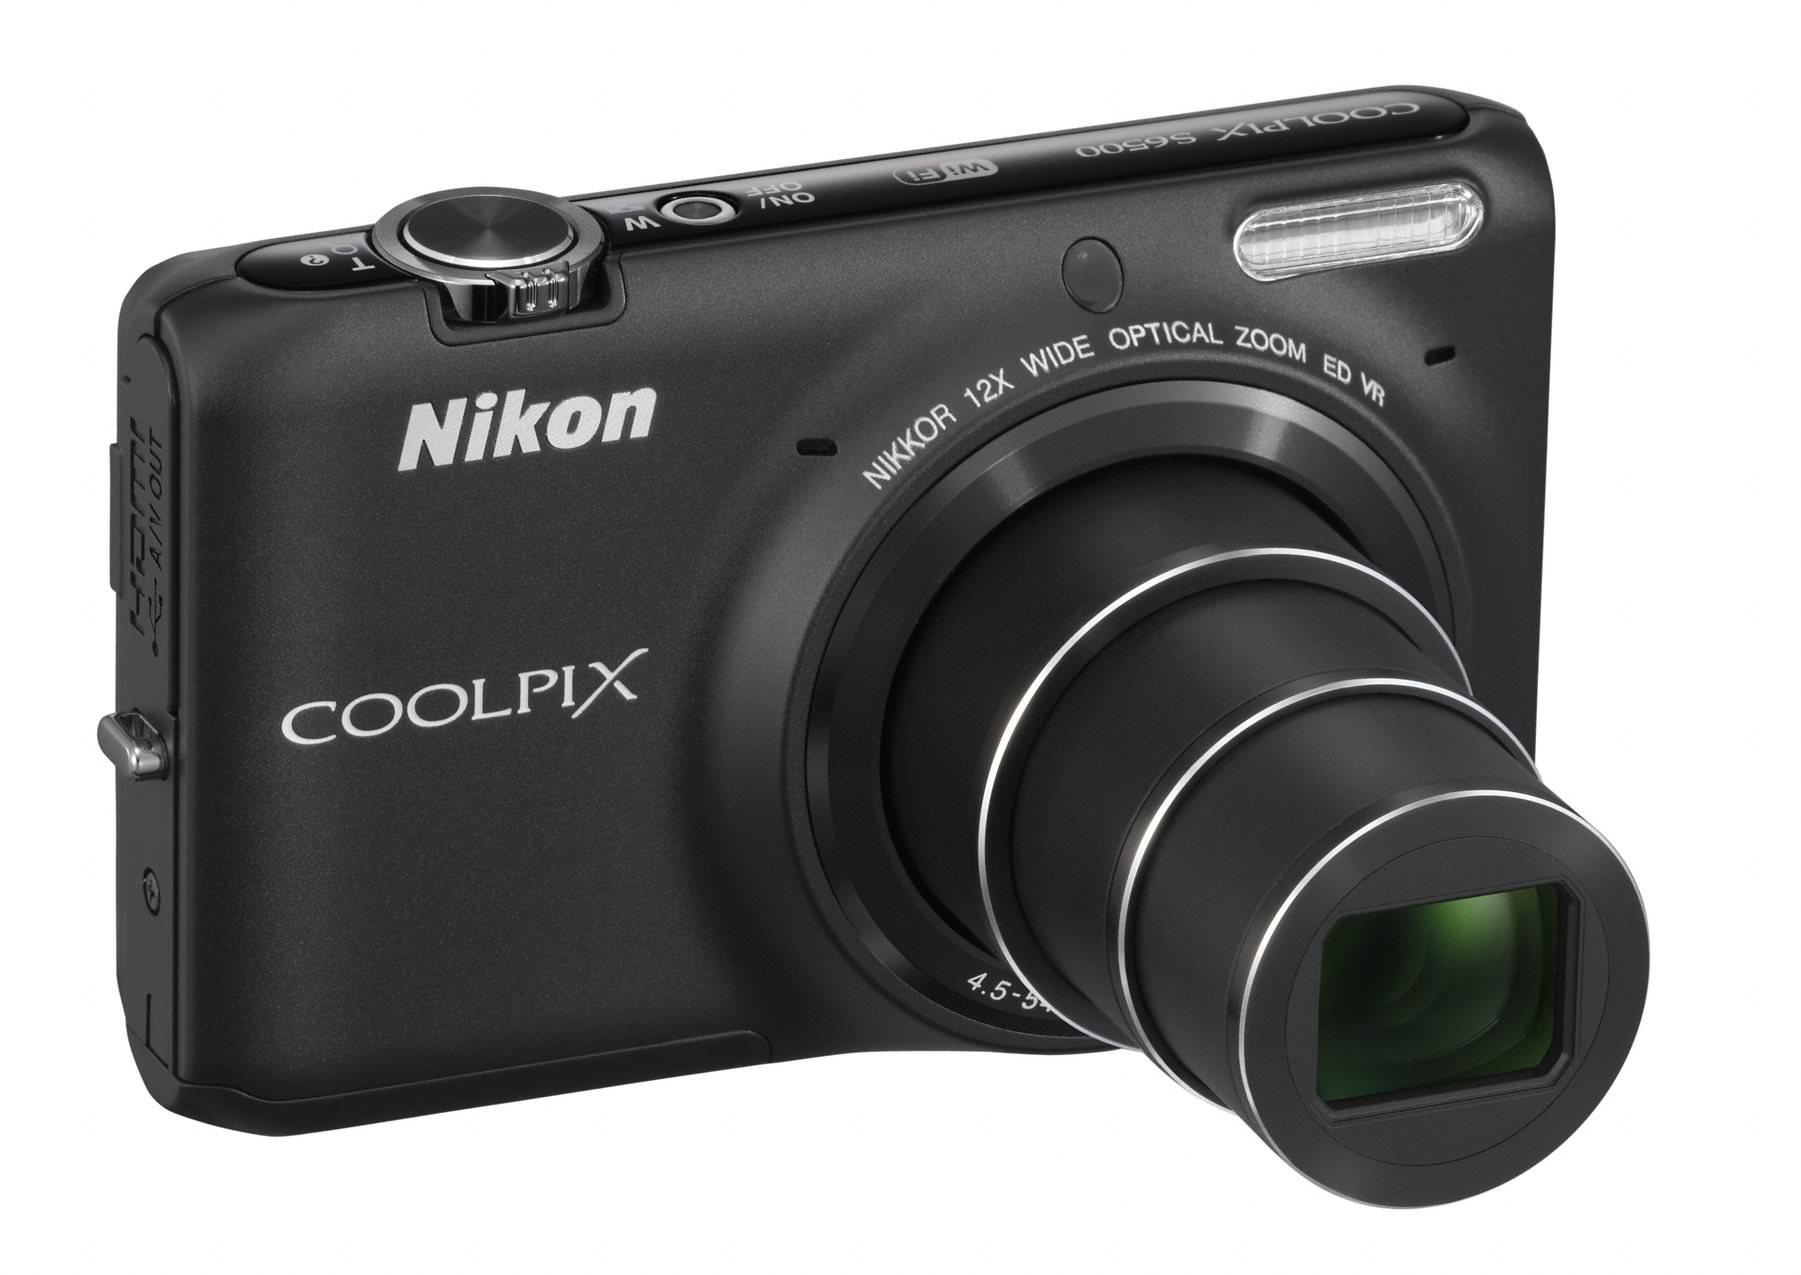 BATTERIA per Nikon Coolpix s6500